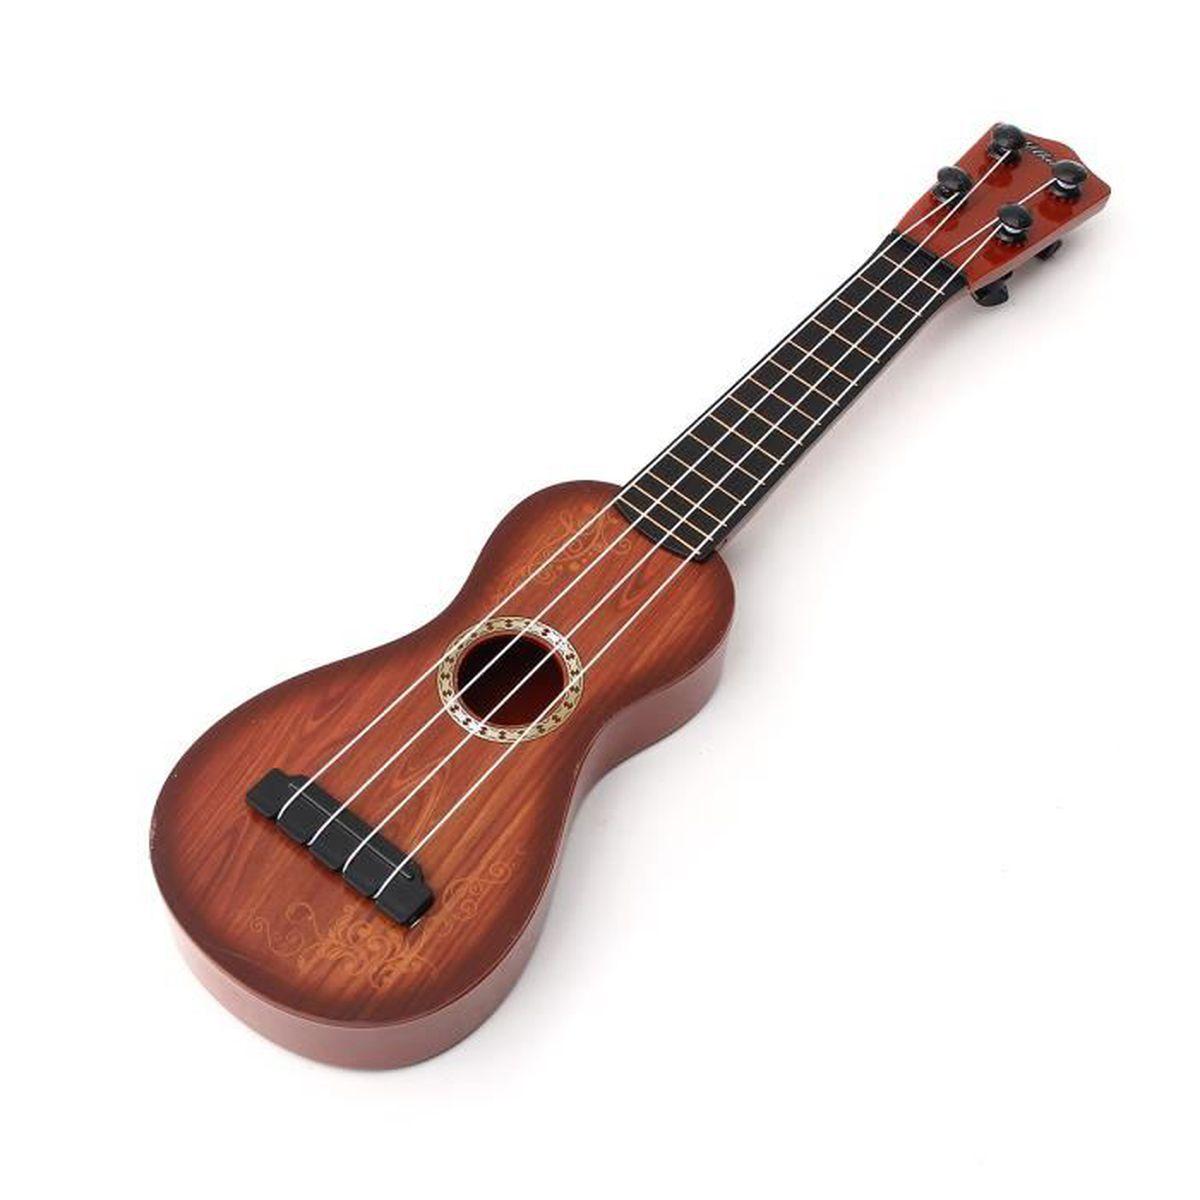 38cm 4 cordes mini ukul l guitare jeur instrument musique classique cadeau cafe achat vente. Black Bedroom Furniture Sets. Home Design Ideas